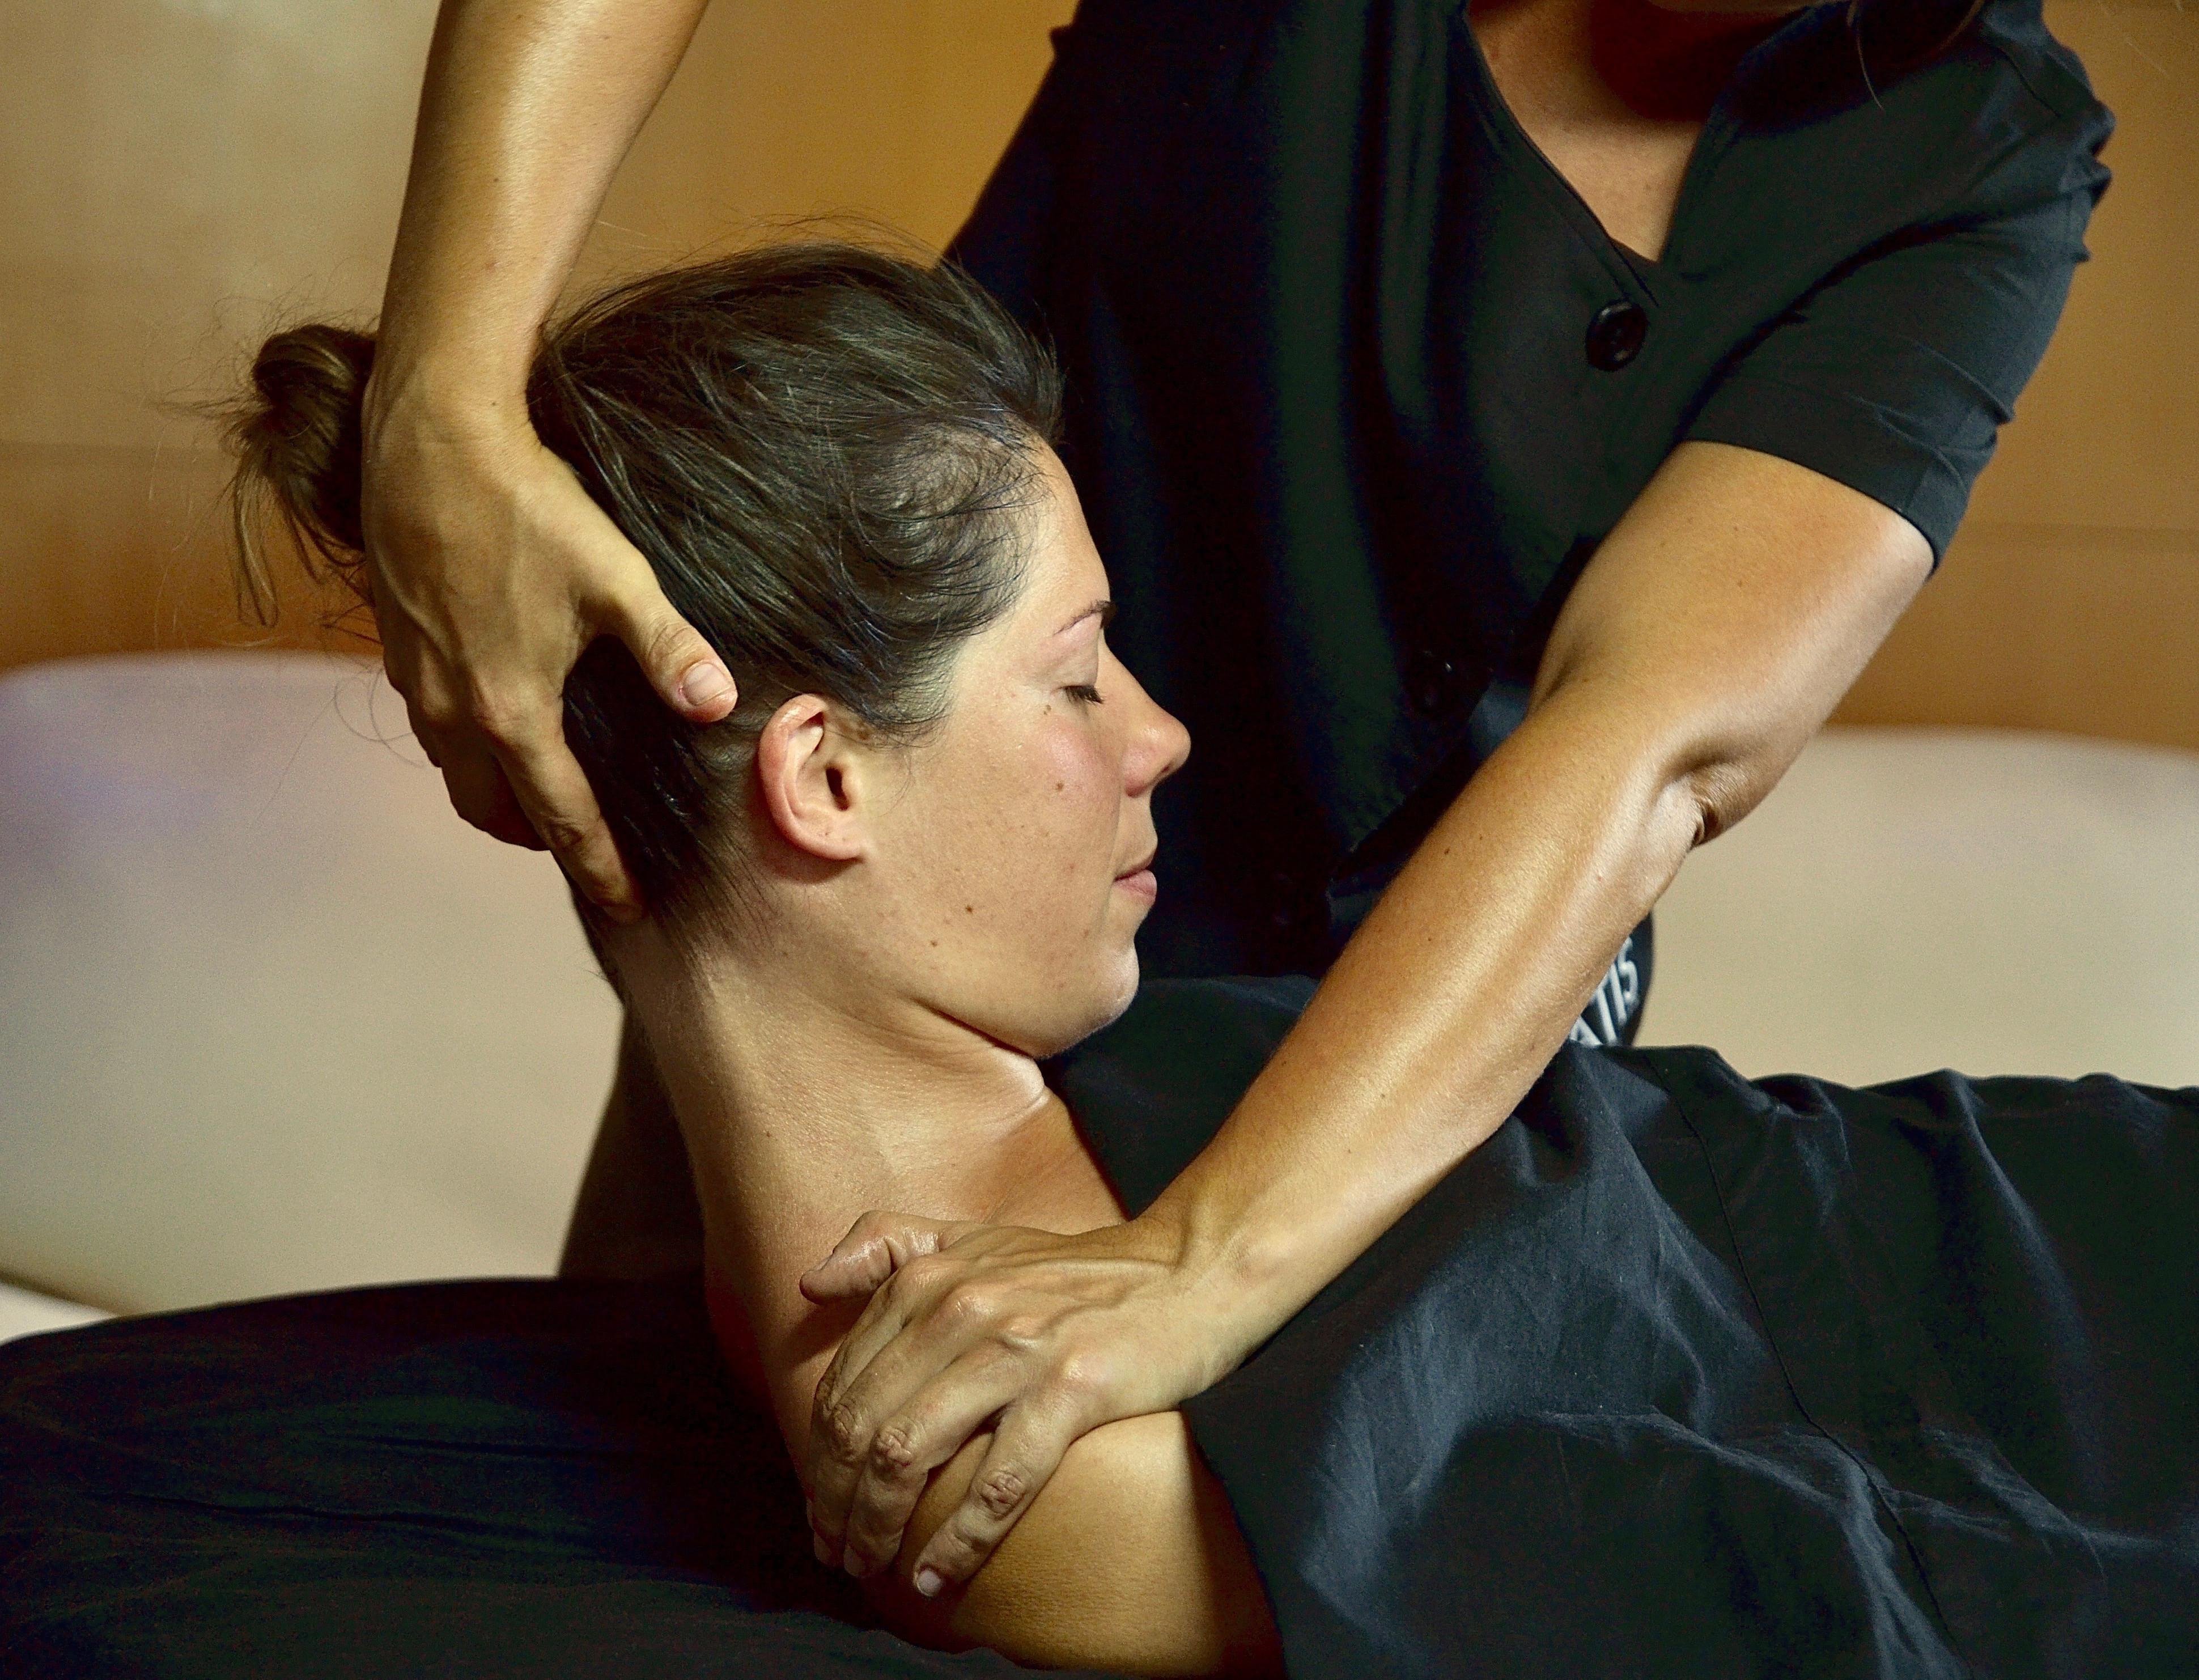 Le massage haut du corps 1h